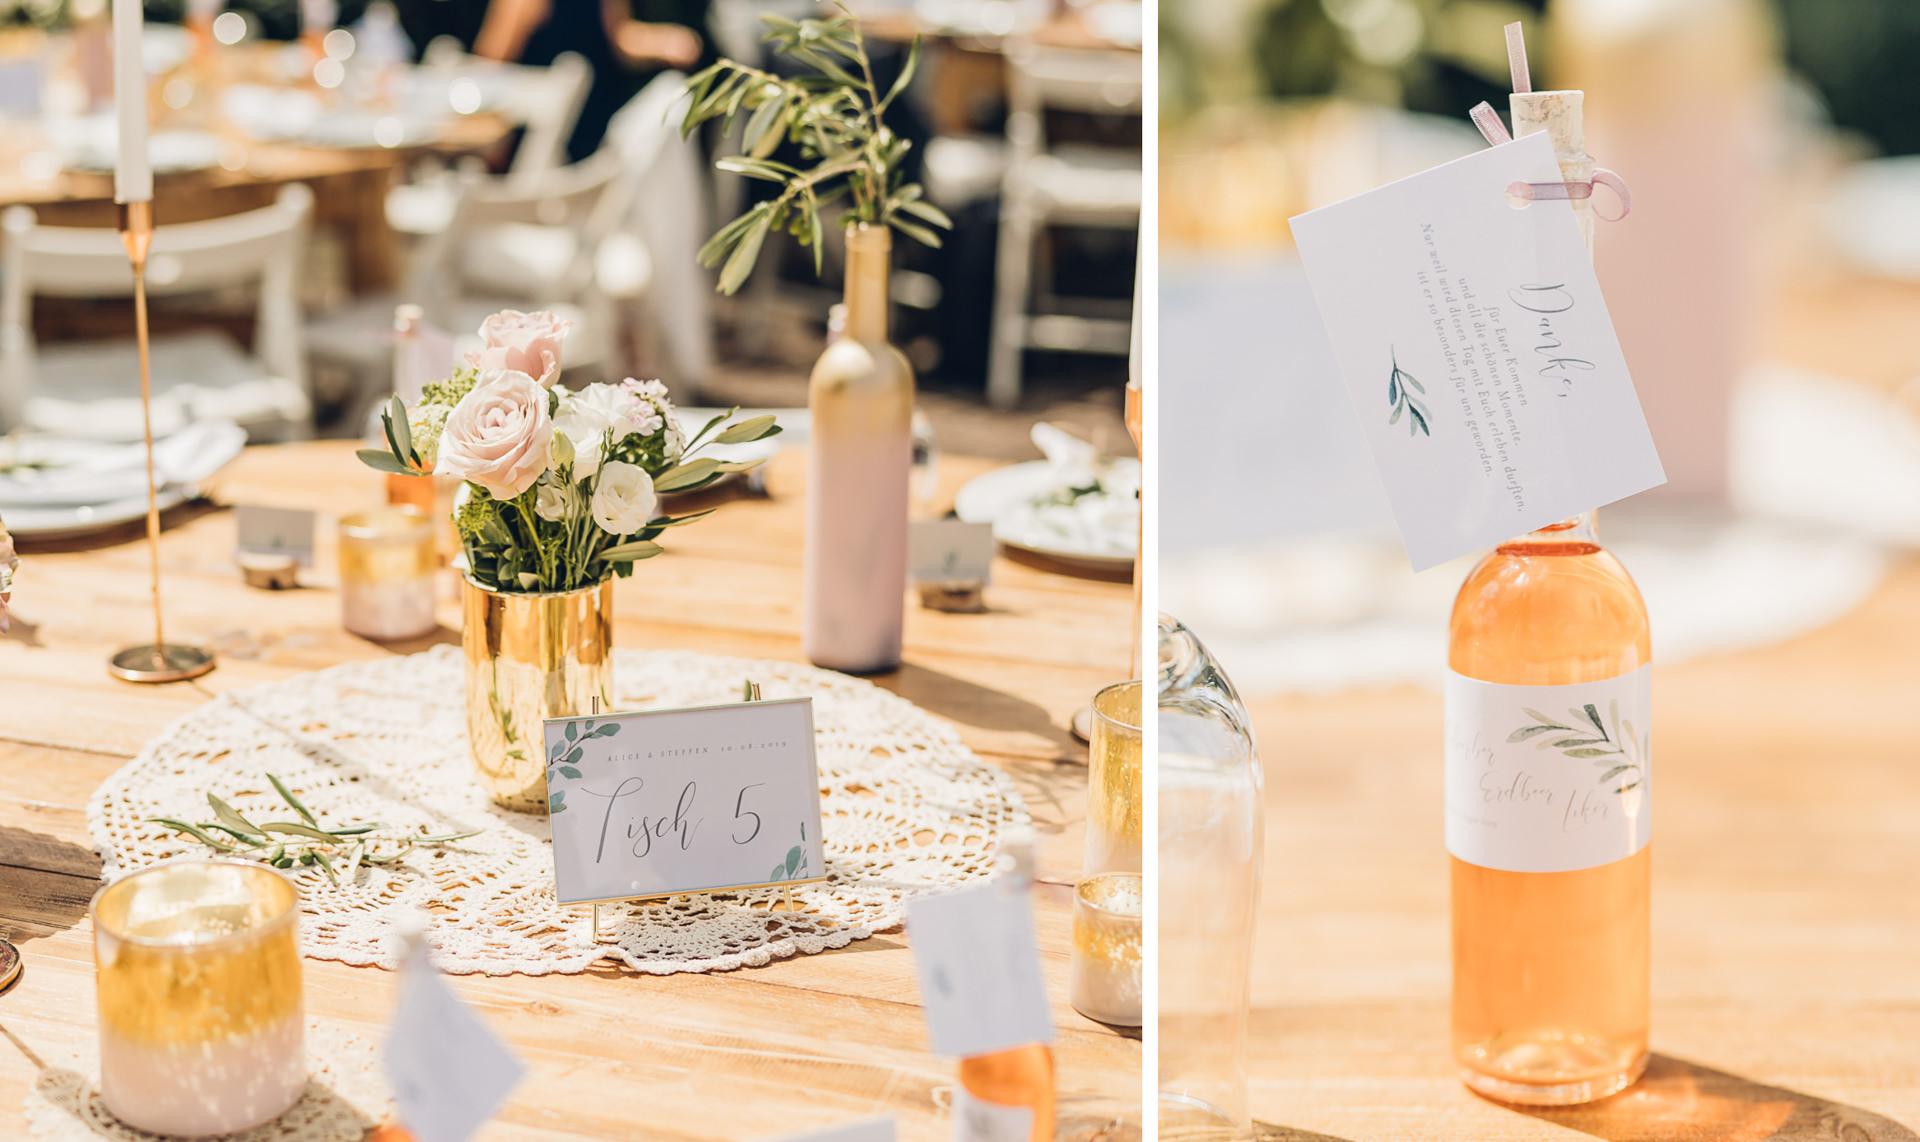 Tischdeko bei einer Hochzeitsfeier auf dem Weingut Höflich